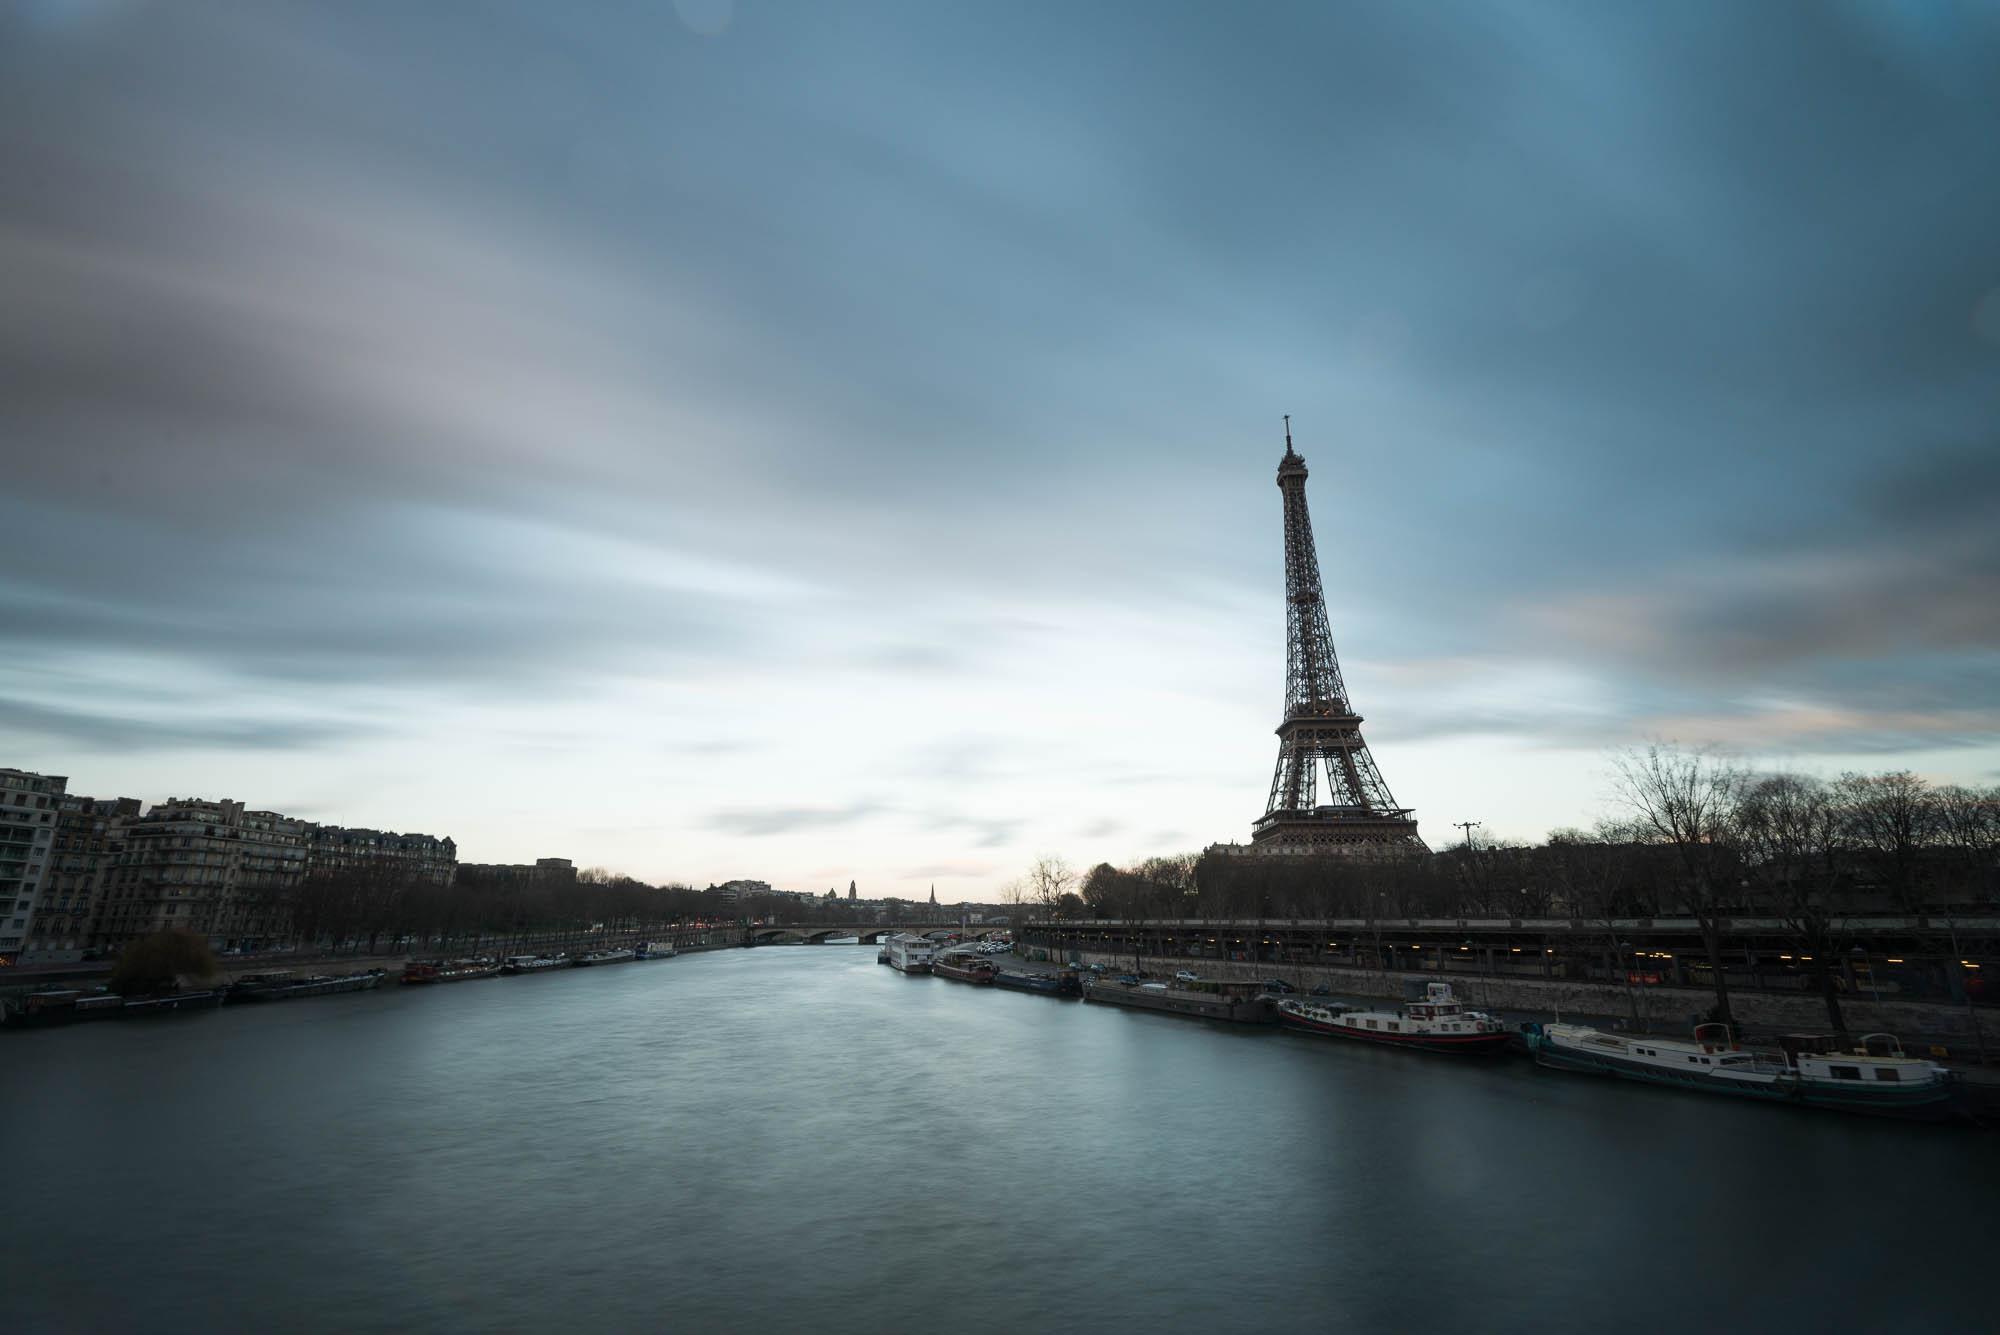 La Seine et la Tour Eiffel - filtre Nisi AR ND 1000 - 16mm, 30s, f/10, ISO 200 - © Damien Roué